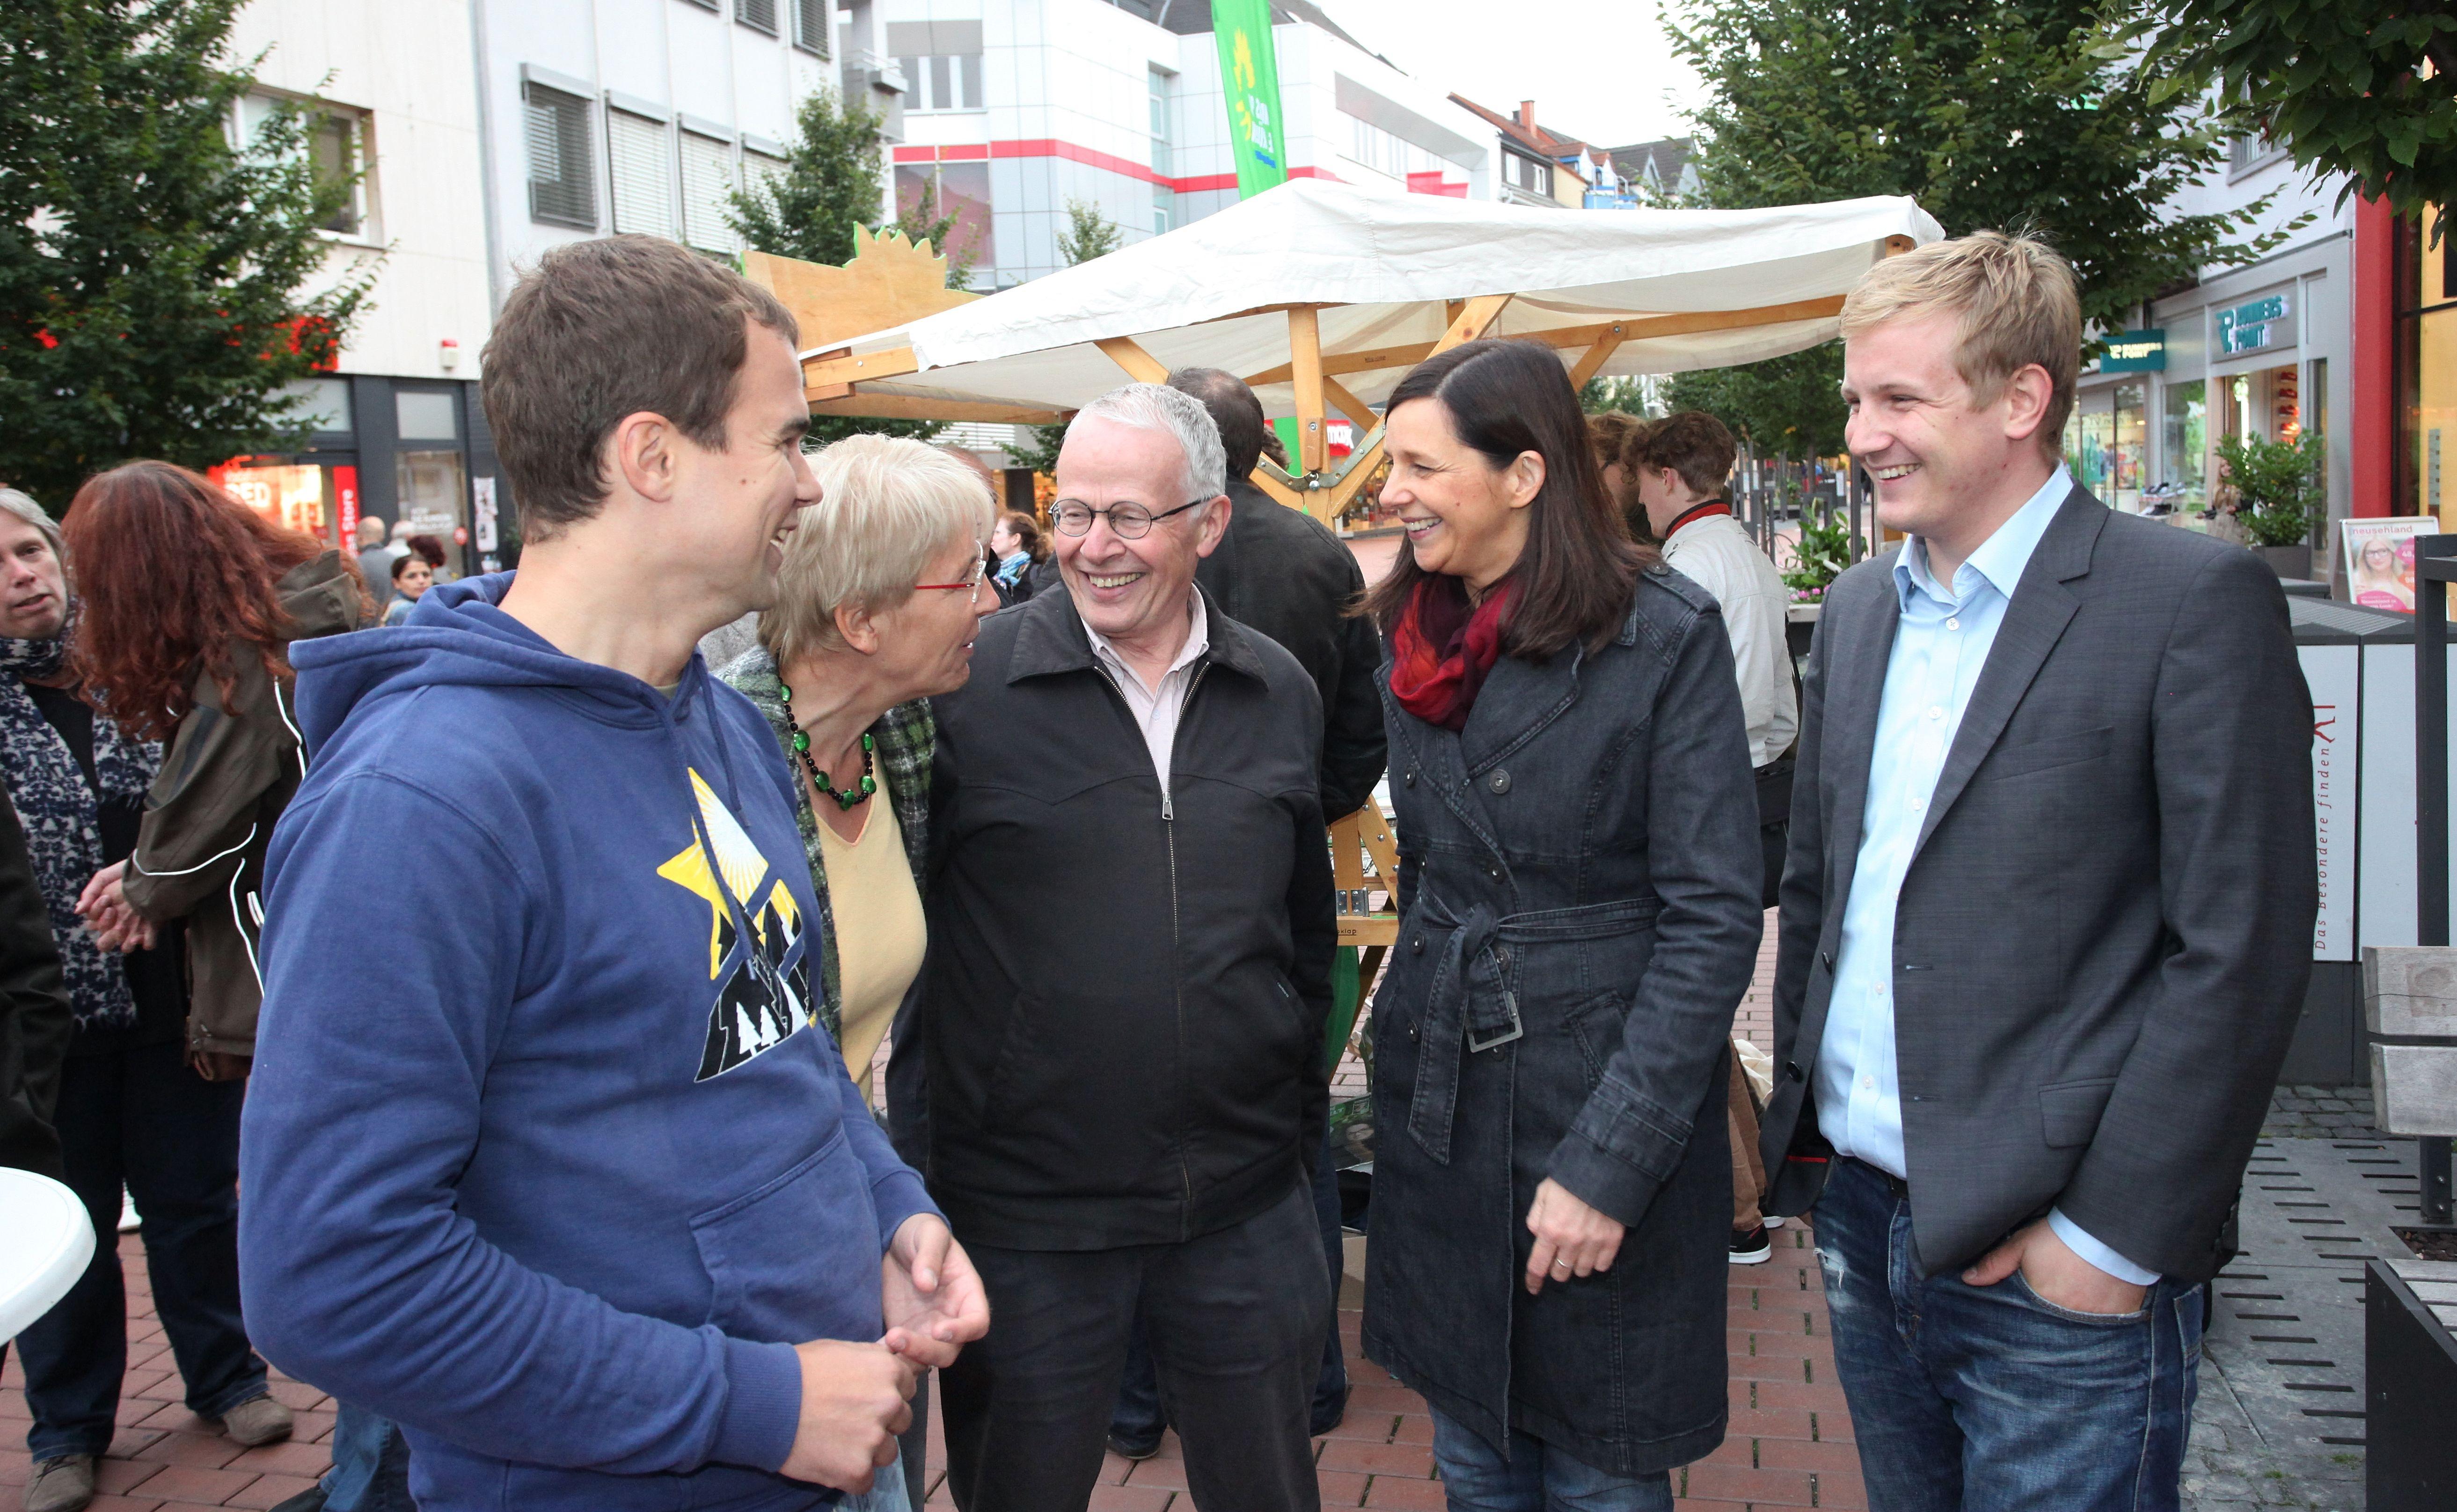 Nach der Veranstaltung mit Gerda Weigel-Greilich, Tom Koenigs, Katrin und Alex Wriht